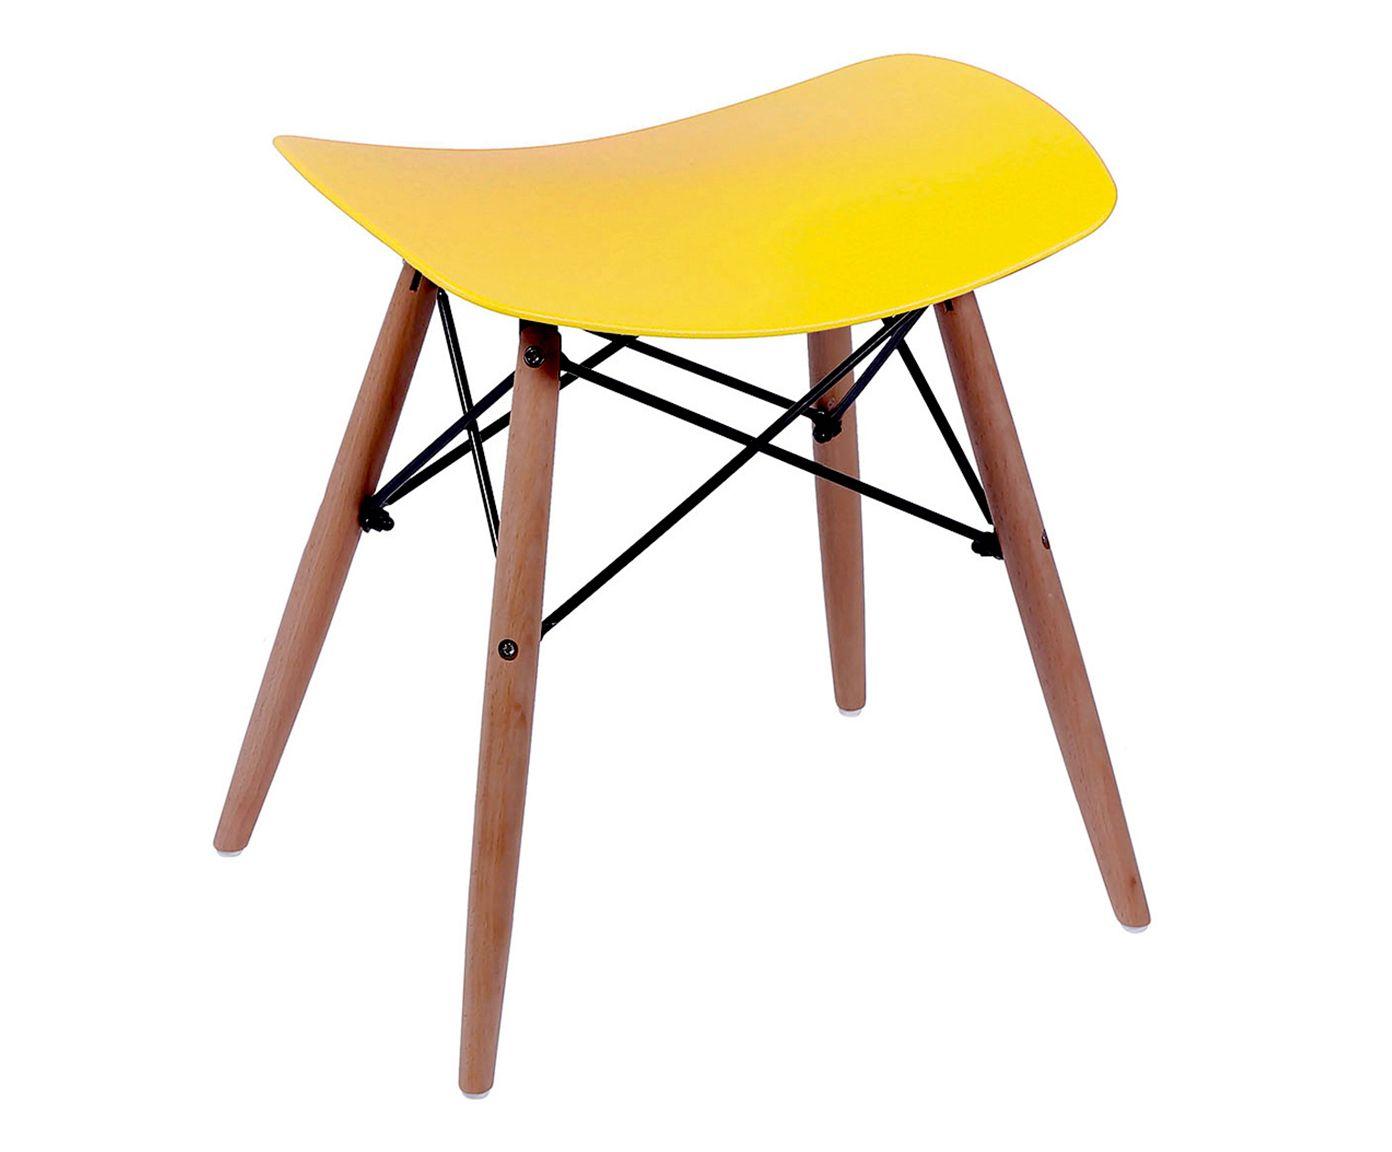 Banquinho Eames Wood Amarelo - 53X46X47cm | Westwing.com.br